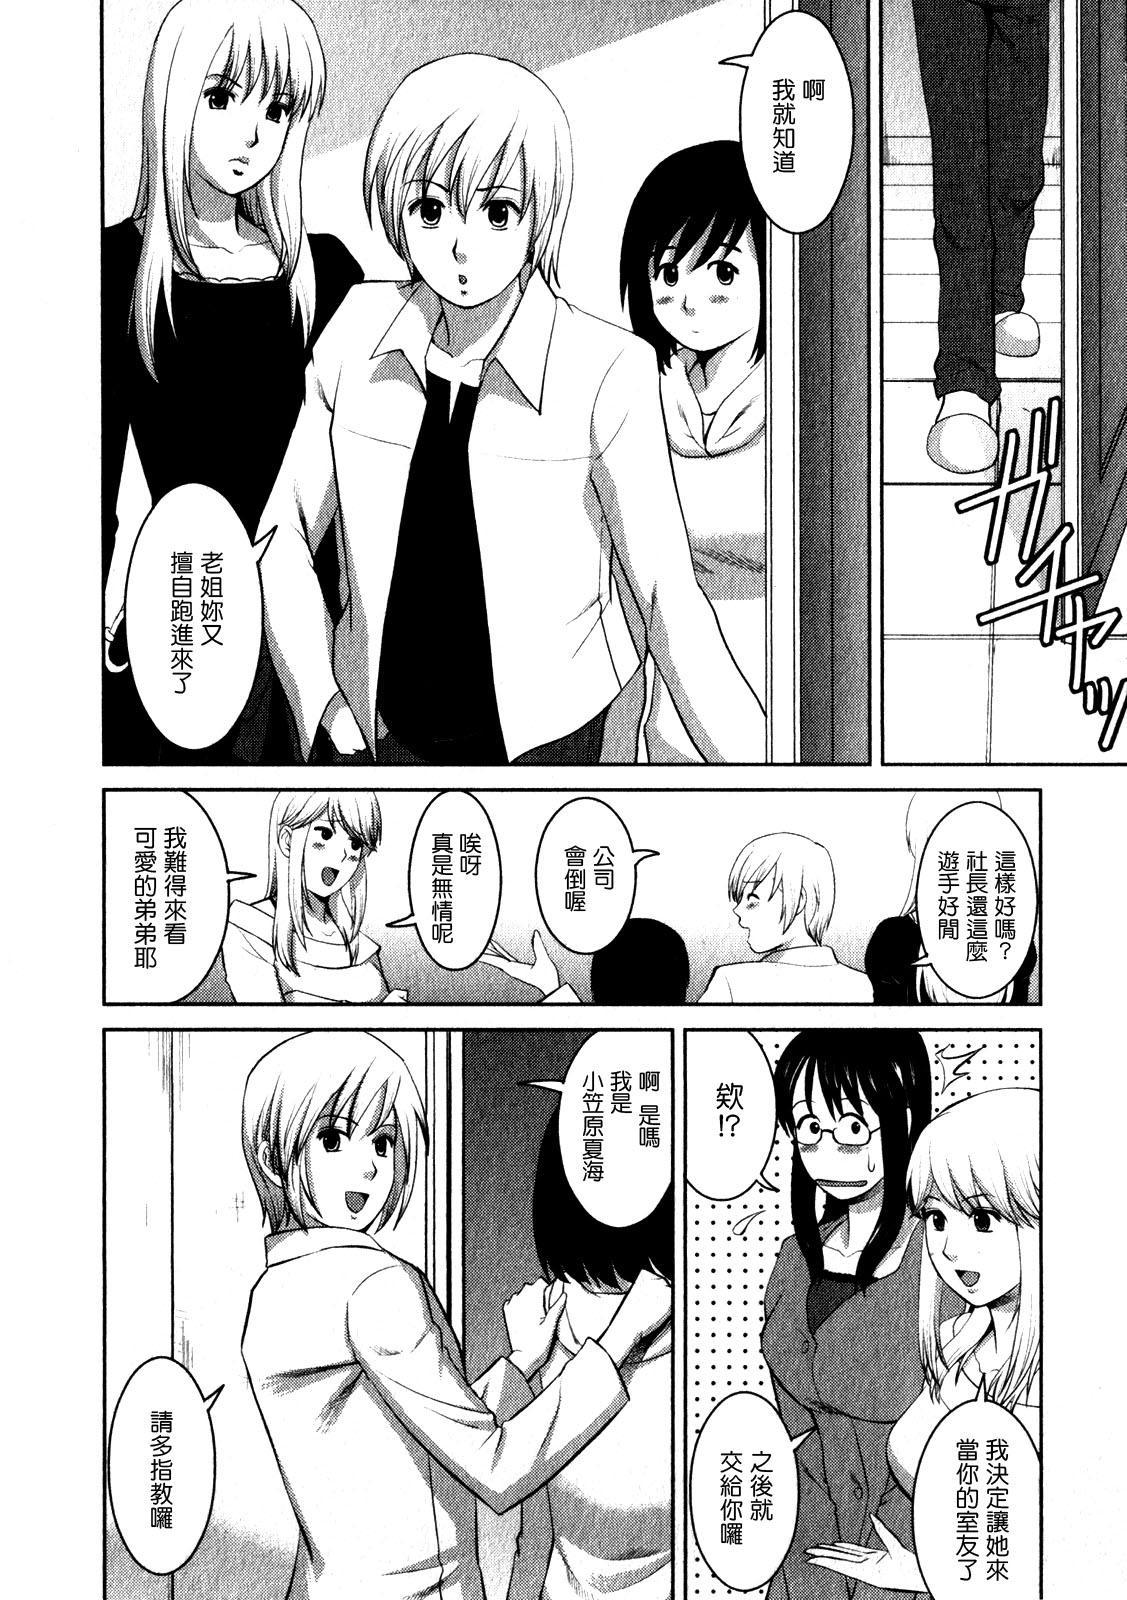 Otaku no Megami-san 1 11